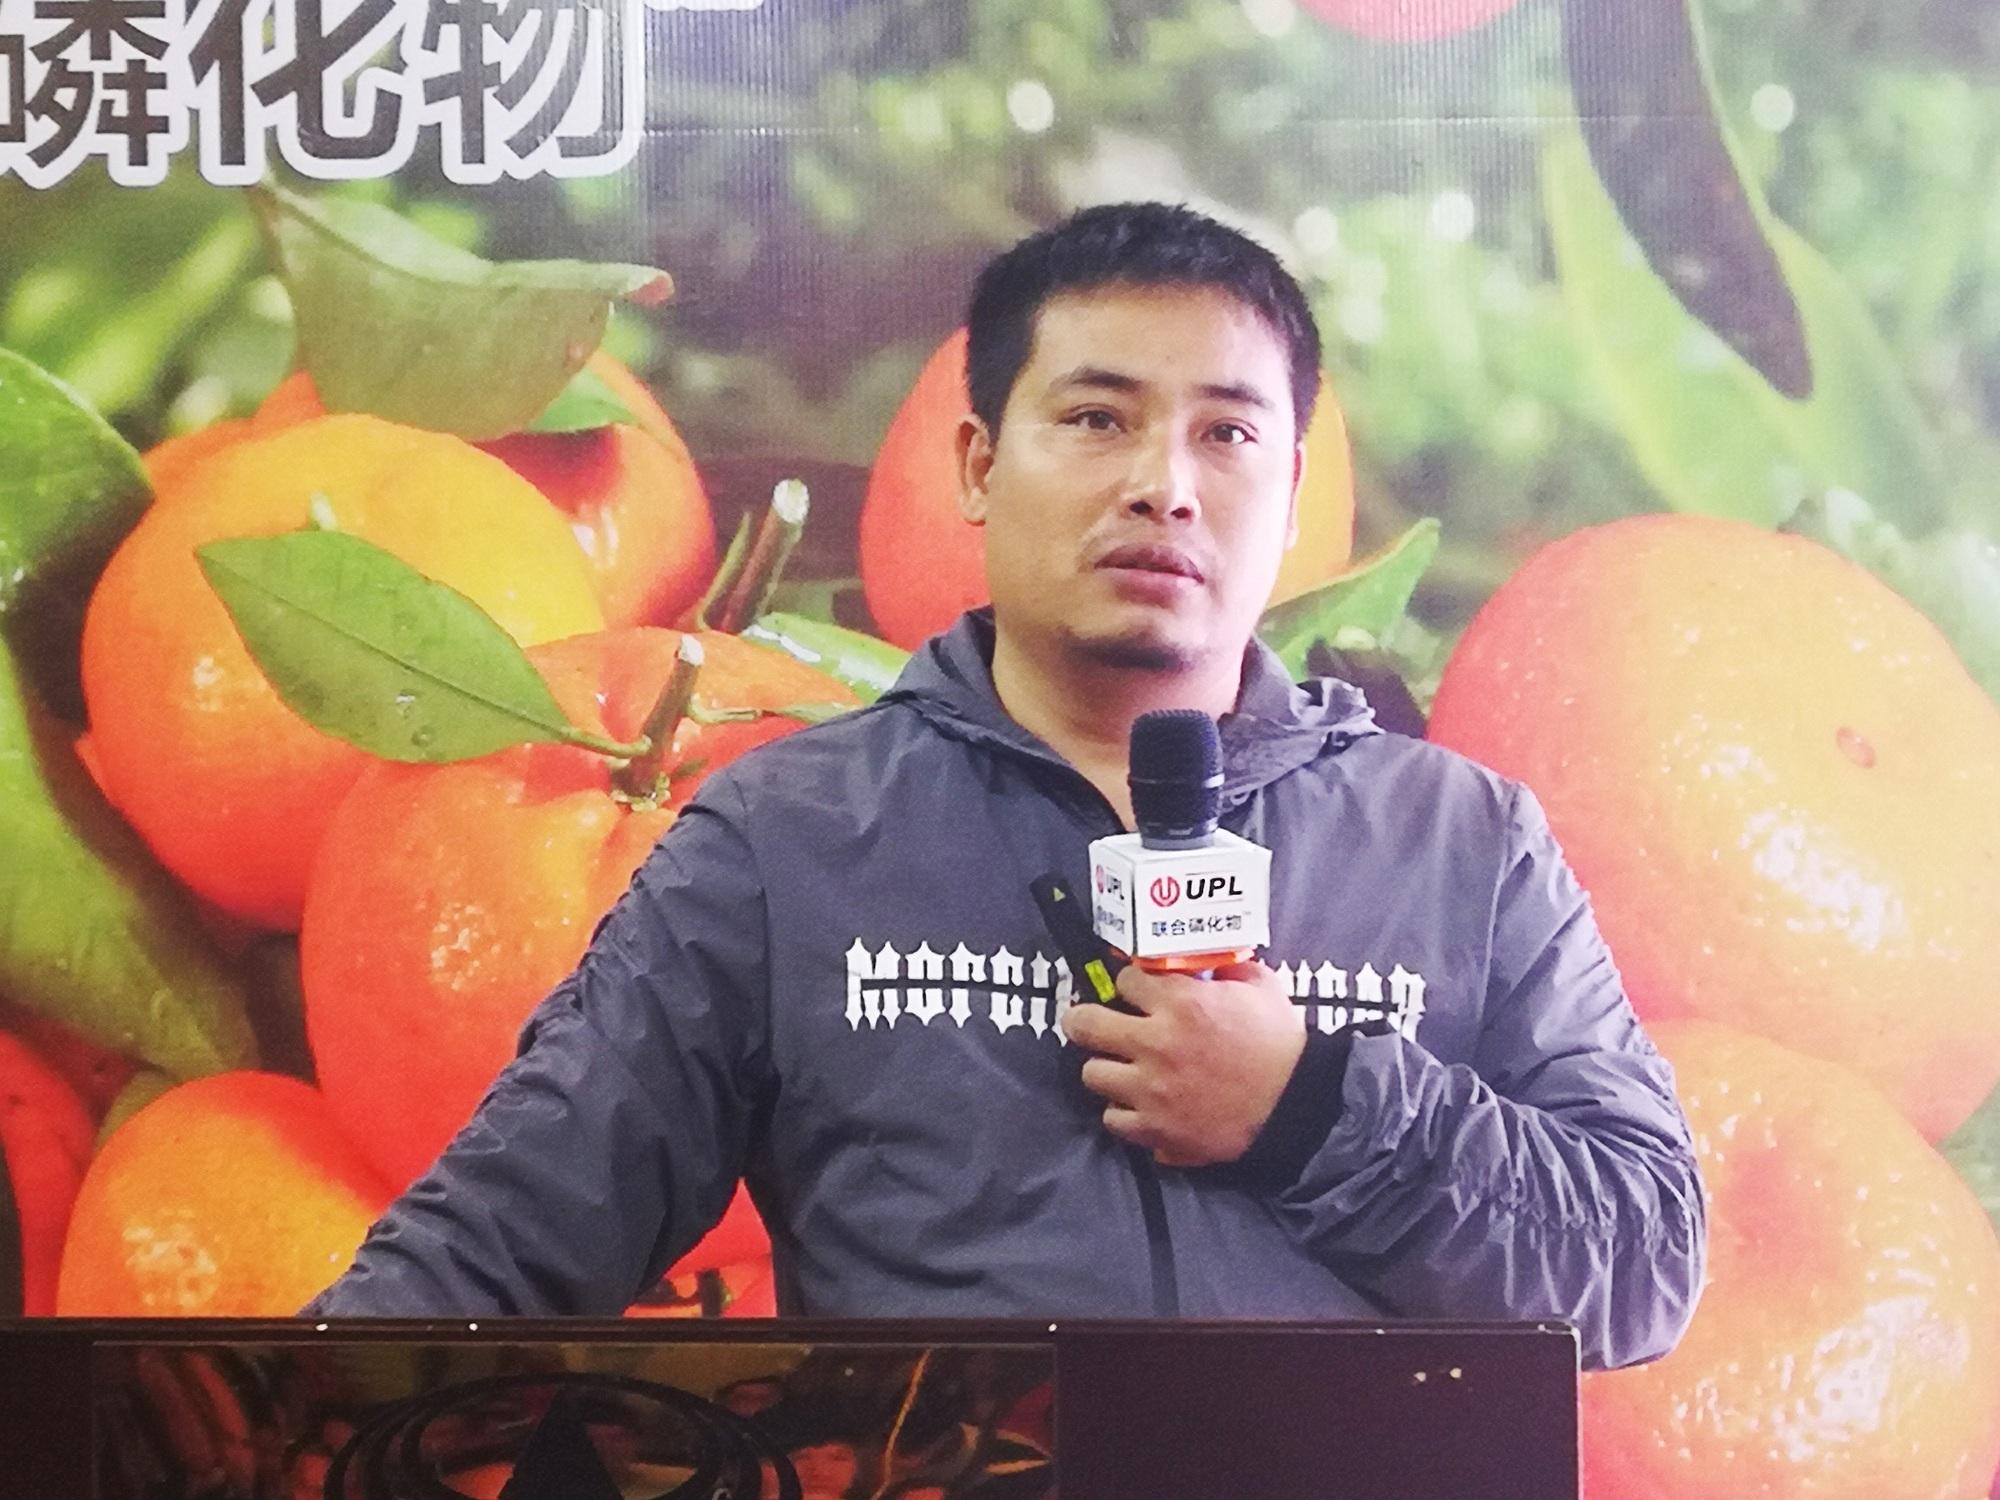 广西柑橘行业协会特聘专家、阳信祥农业科技技术总监欧乃榕